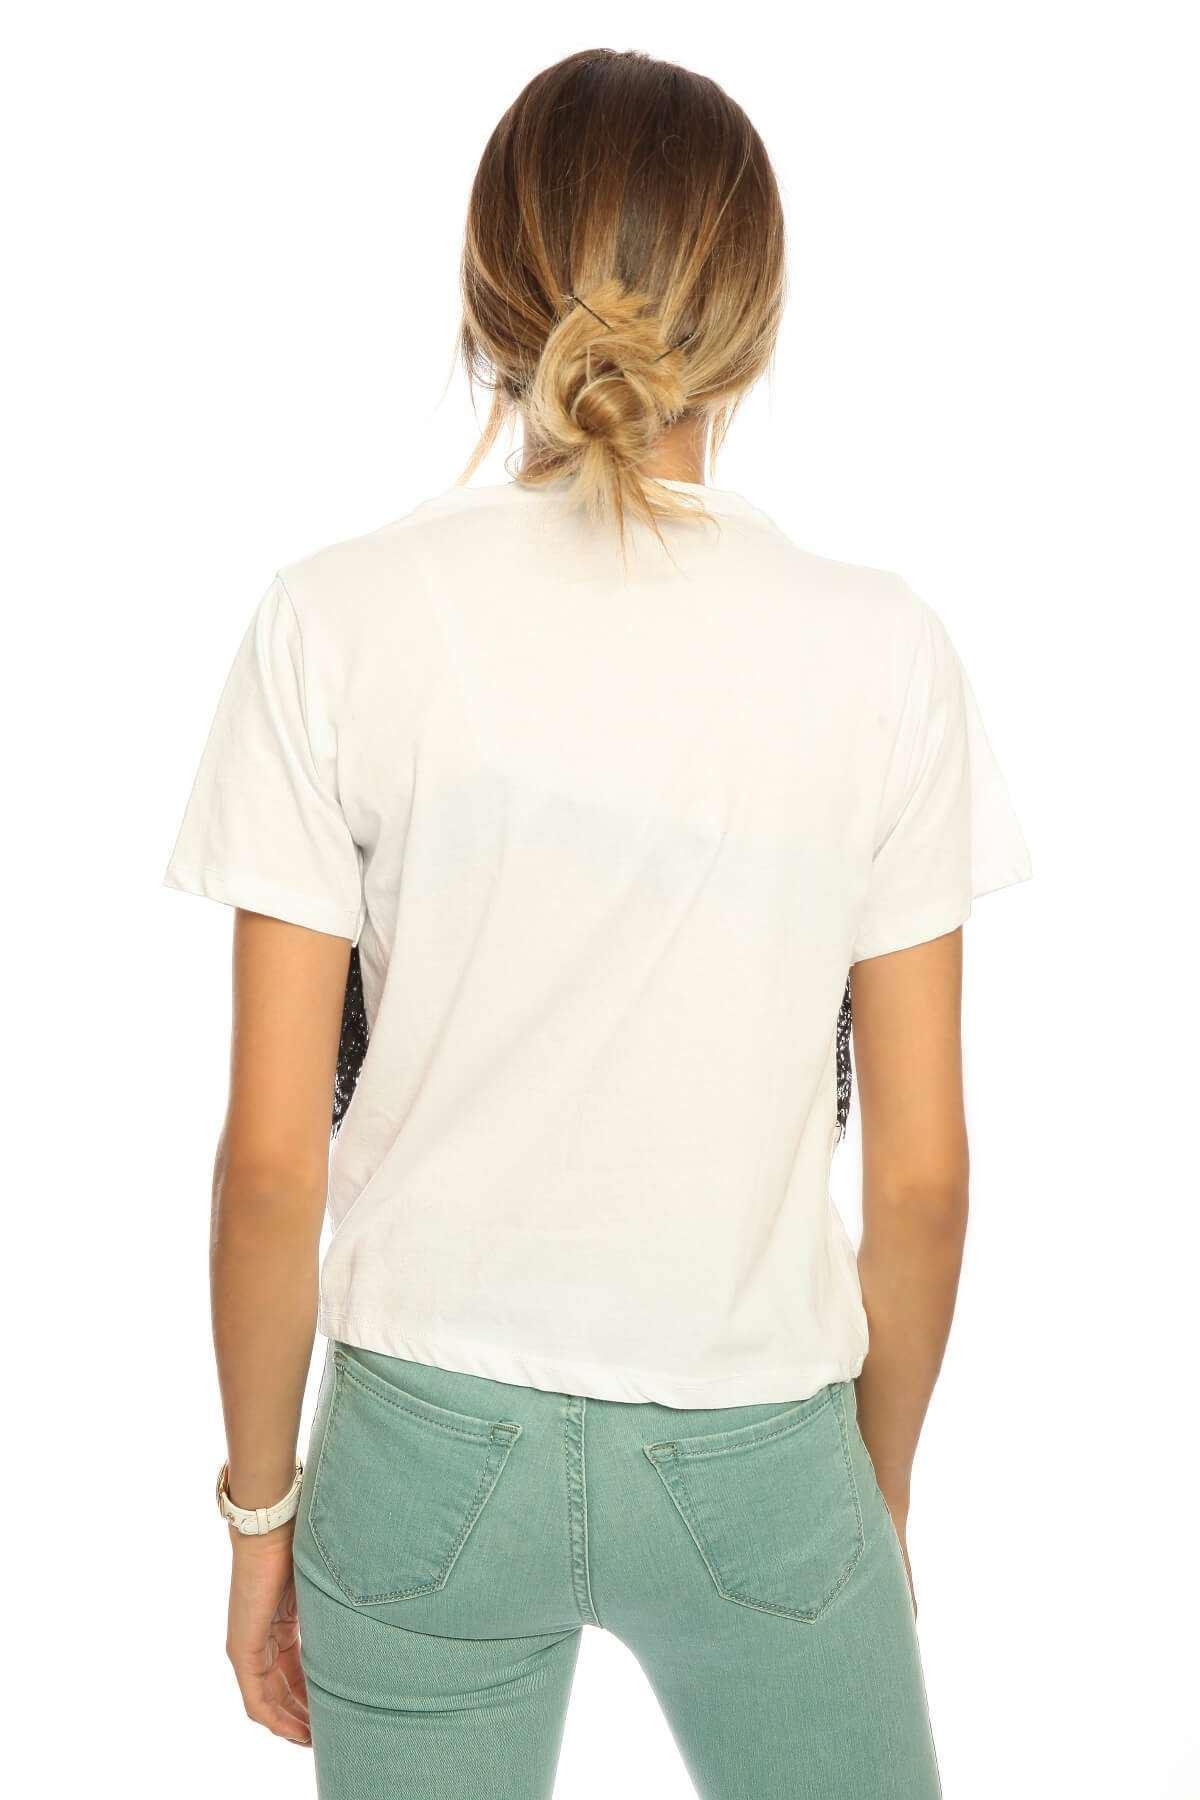 Straplez Dantel Detaylı Kısa Kol Body Beyaz